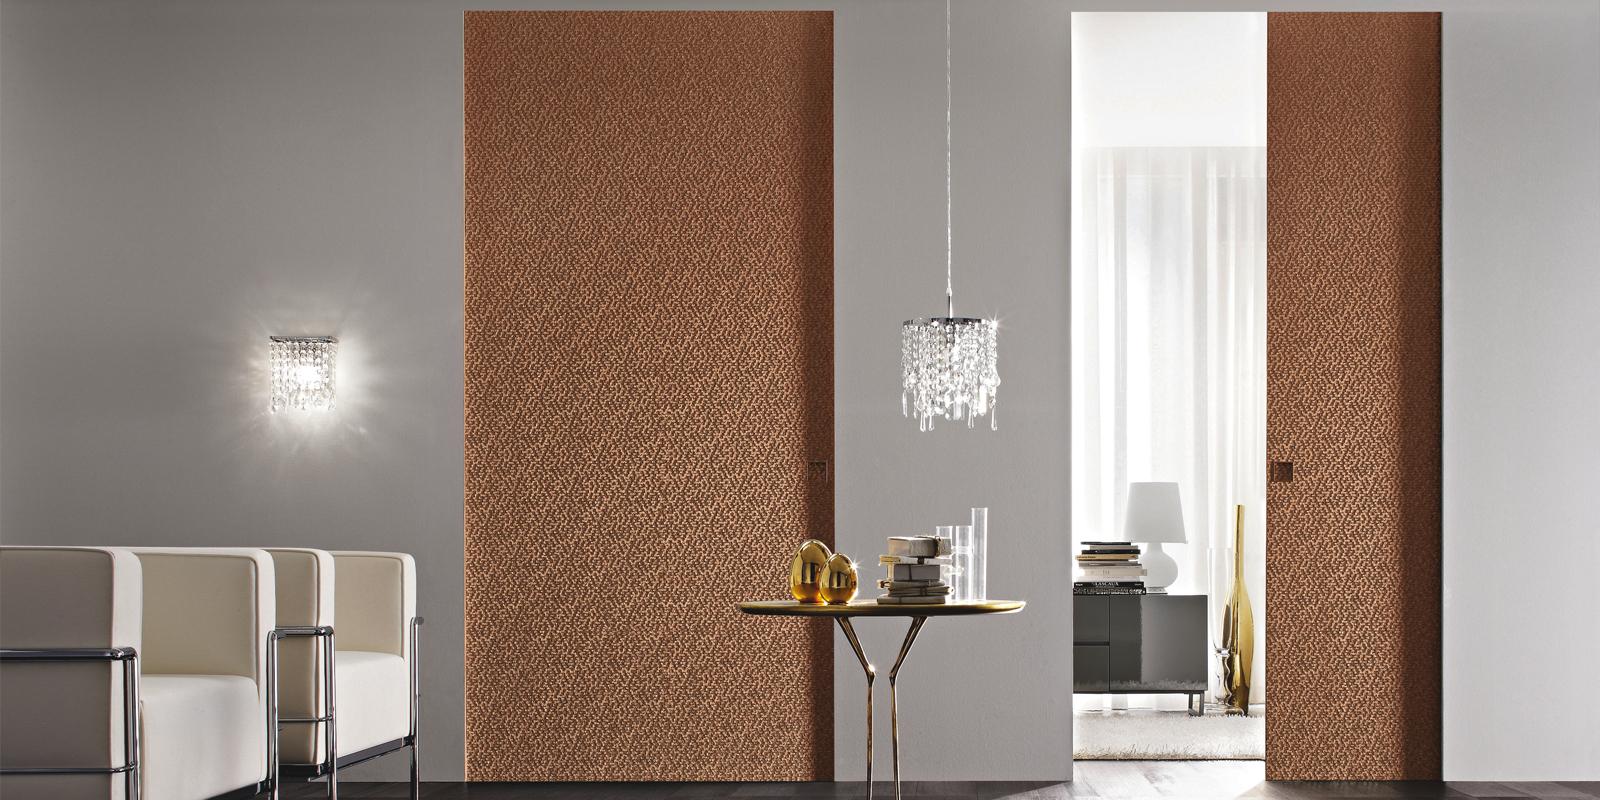 Couleur Porte Interieur Blanc Gris porte d'intérieur design haut de gamme   eclisse - eclisse